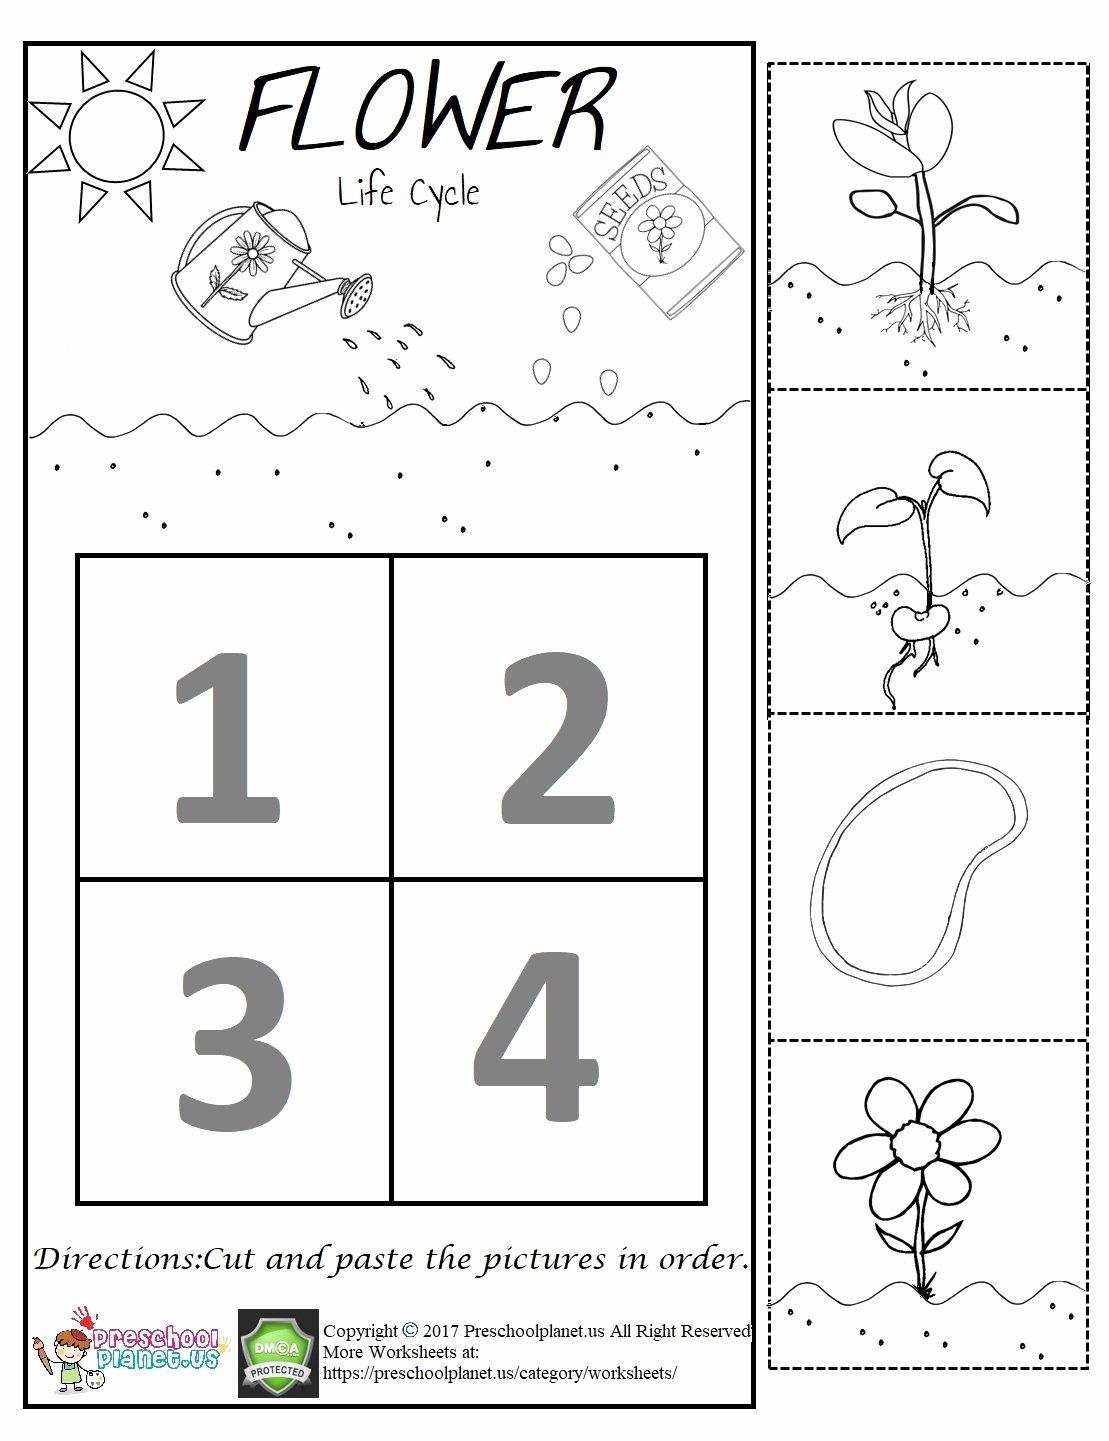 Flowers Worksheets for Preschoolers Fresh Flower Life Cycle Worksheet – Preschoolplanet